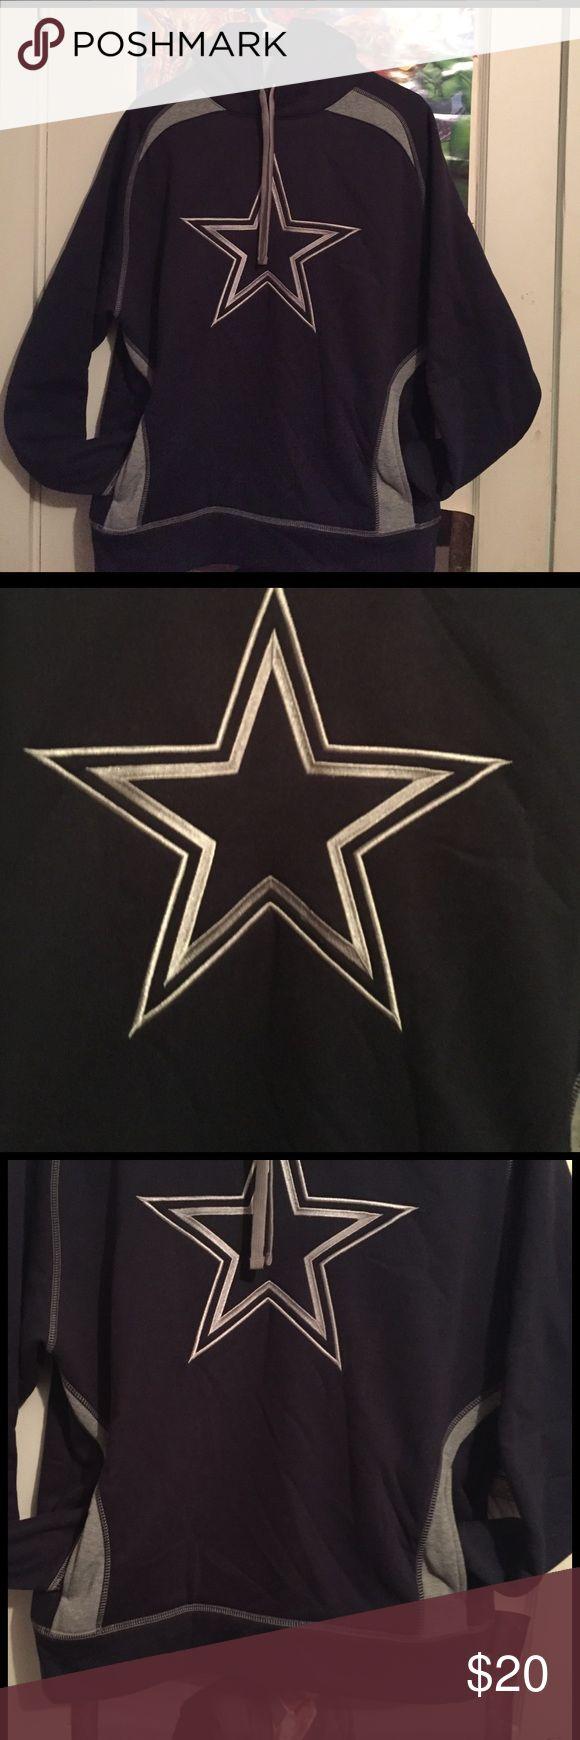 Shirt design dallas tx - Dallas Cowboy Hoodie Dallas Cowboy Hoodie Brand New Tags Still On Hoodie Dallas